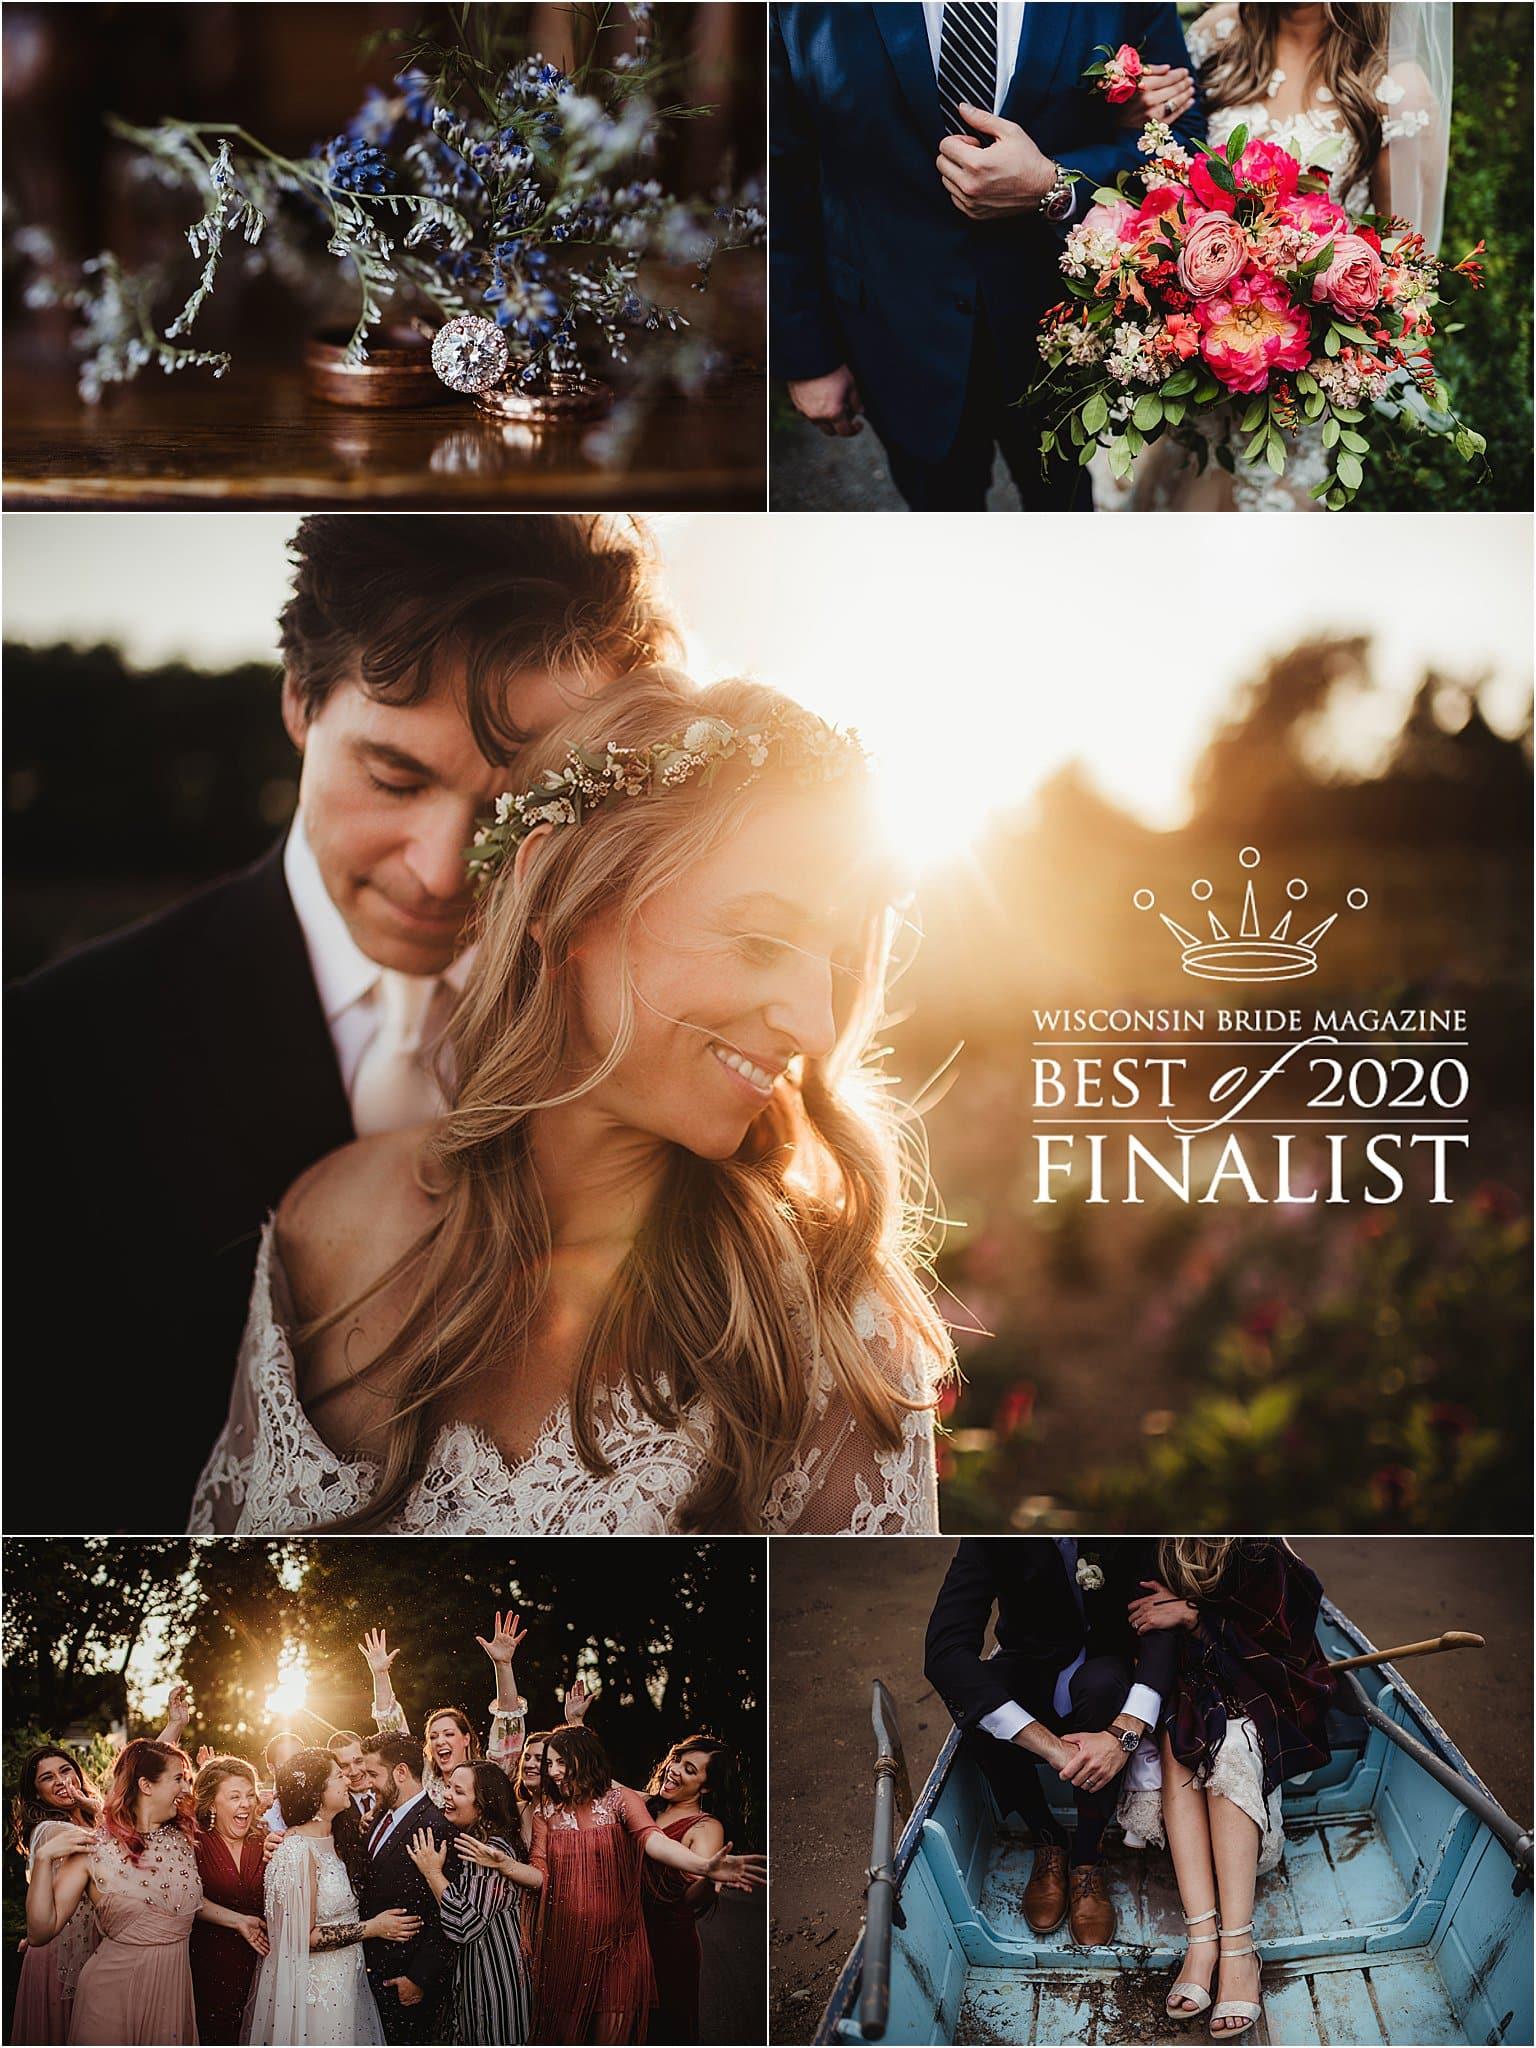 Wisconsin bride best of finalist photographer